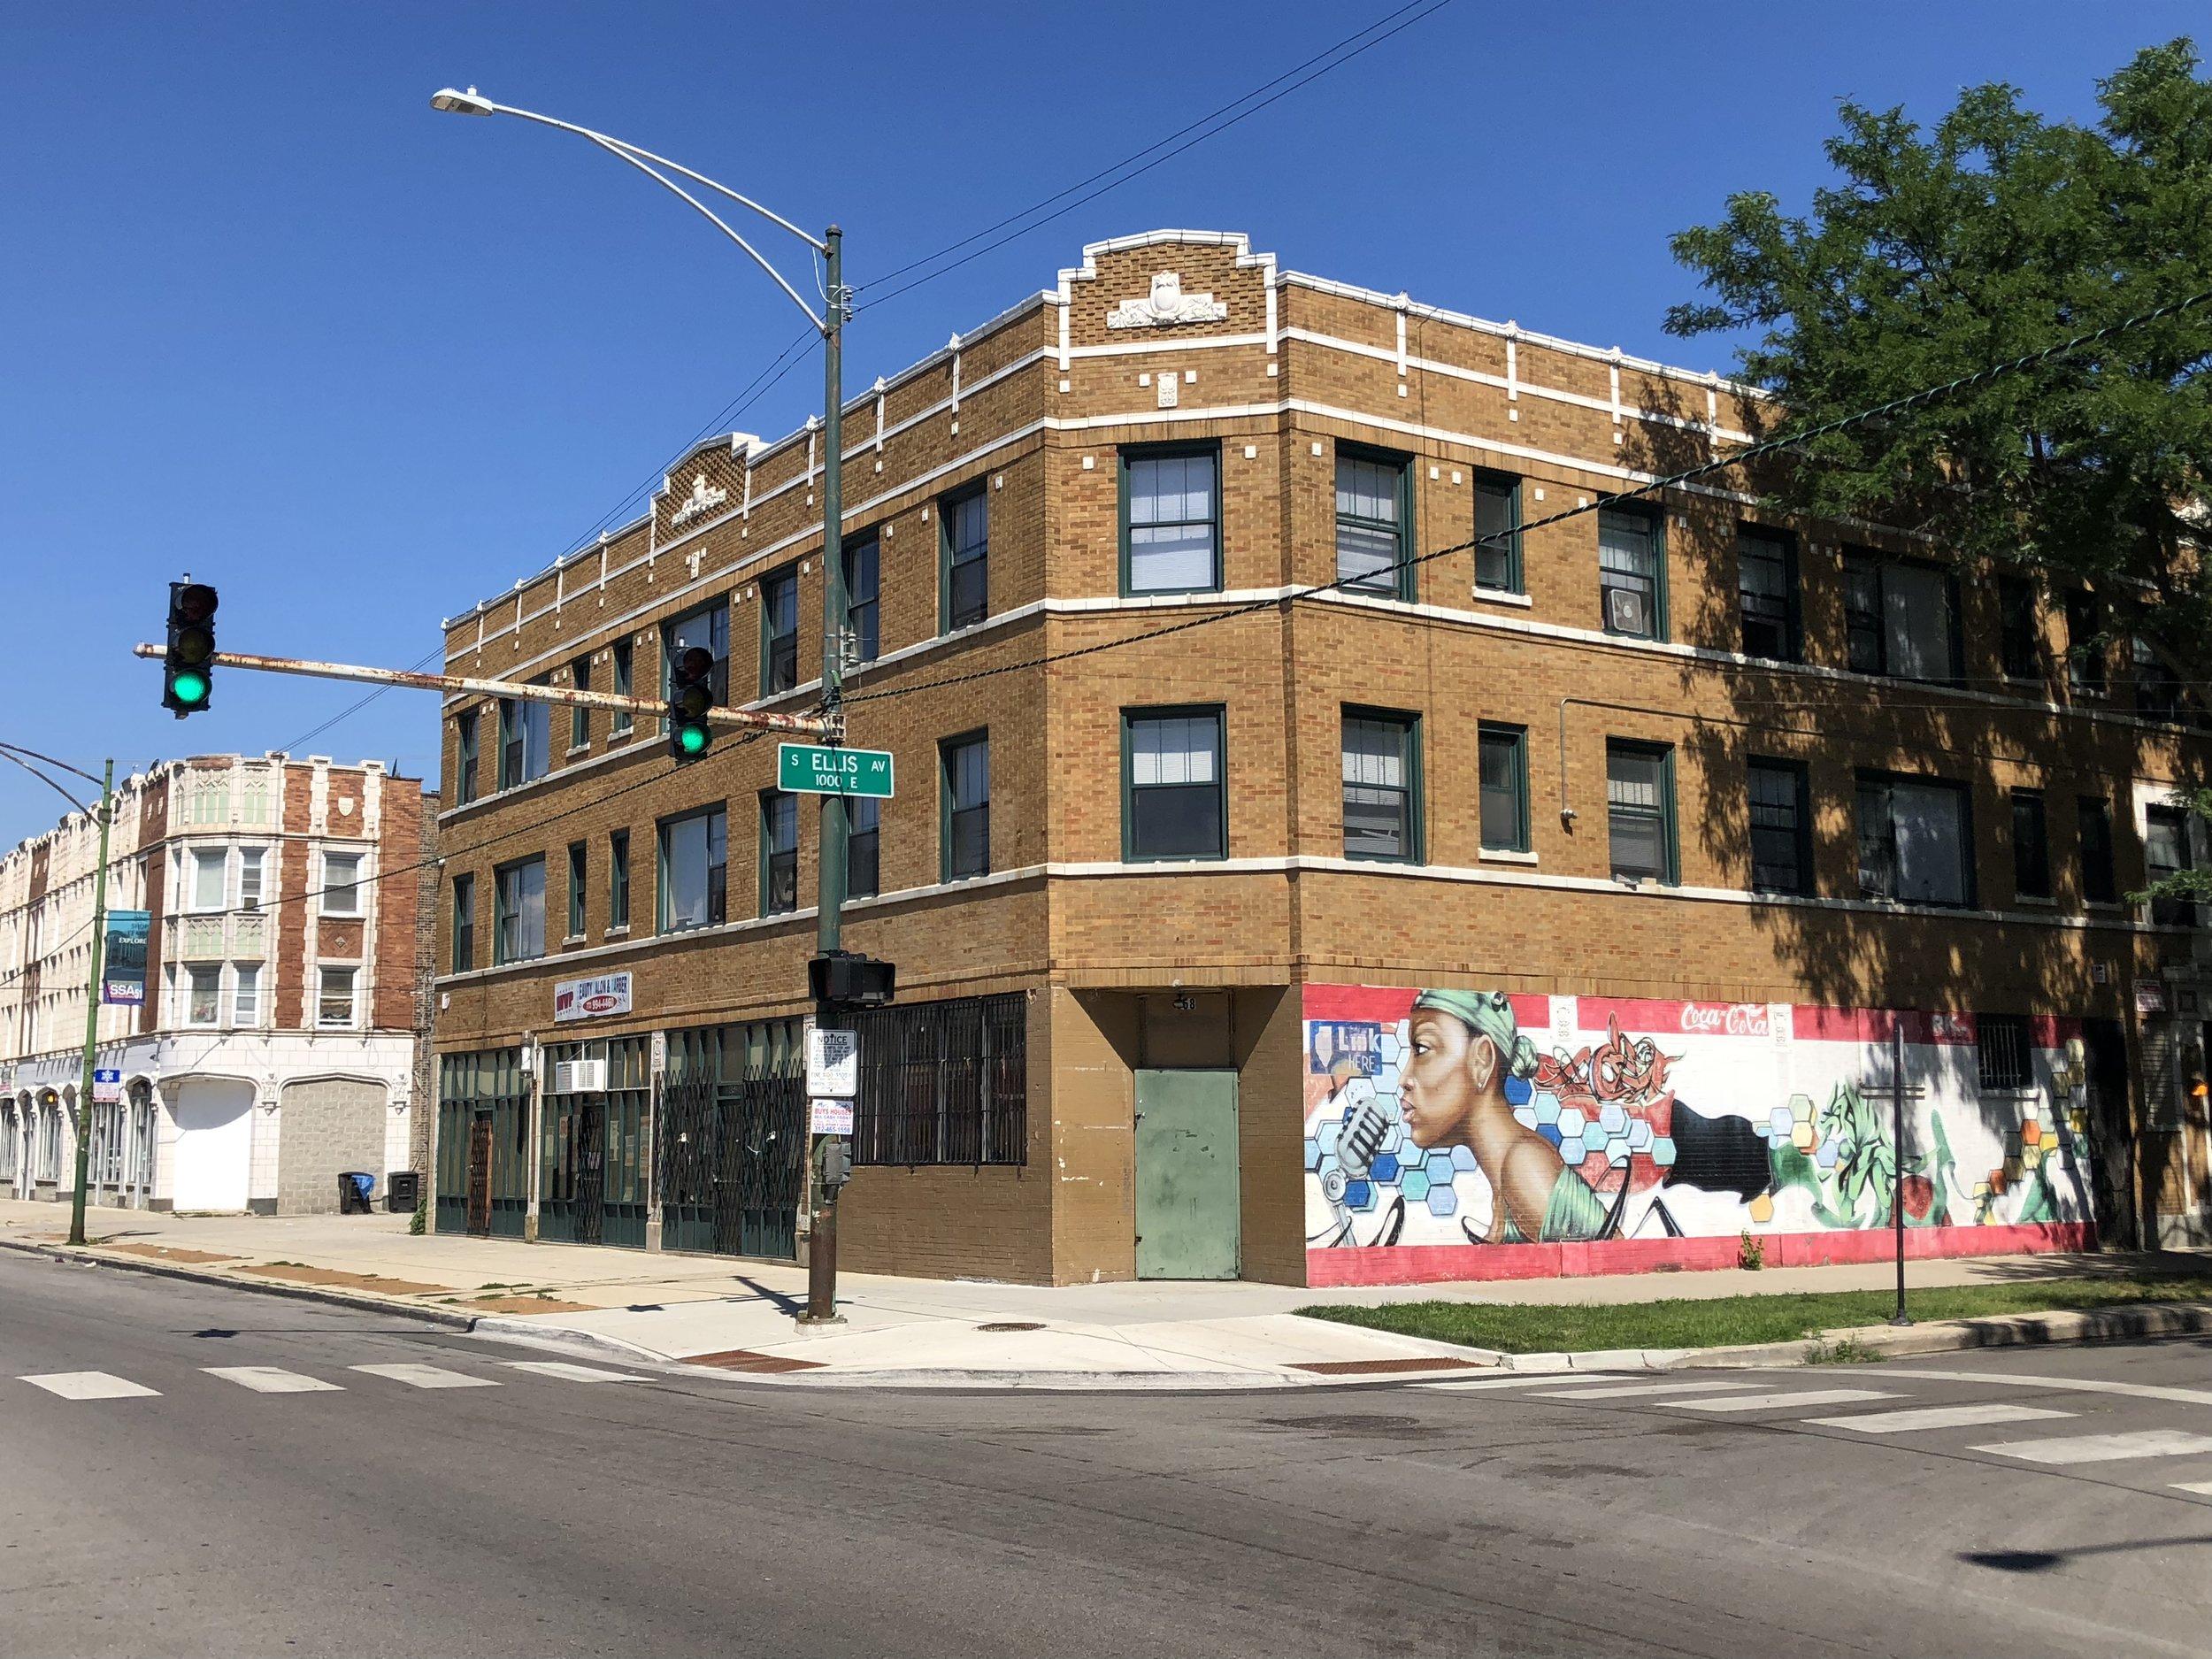 7854 South Ellis, Chicago | 29 Units